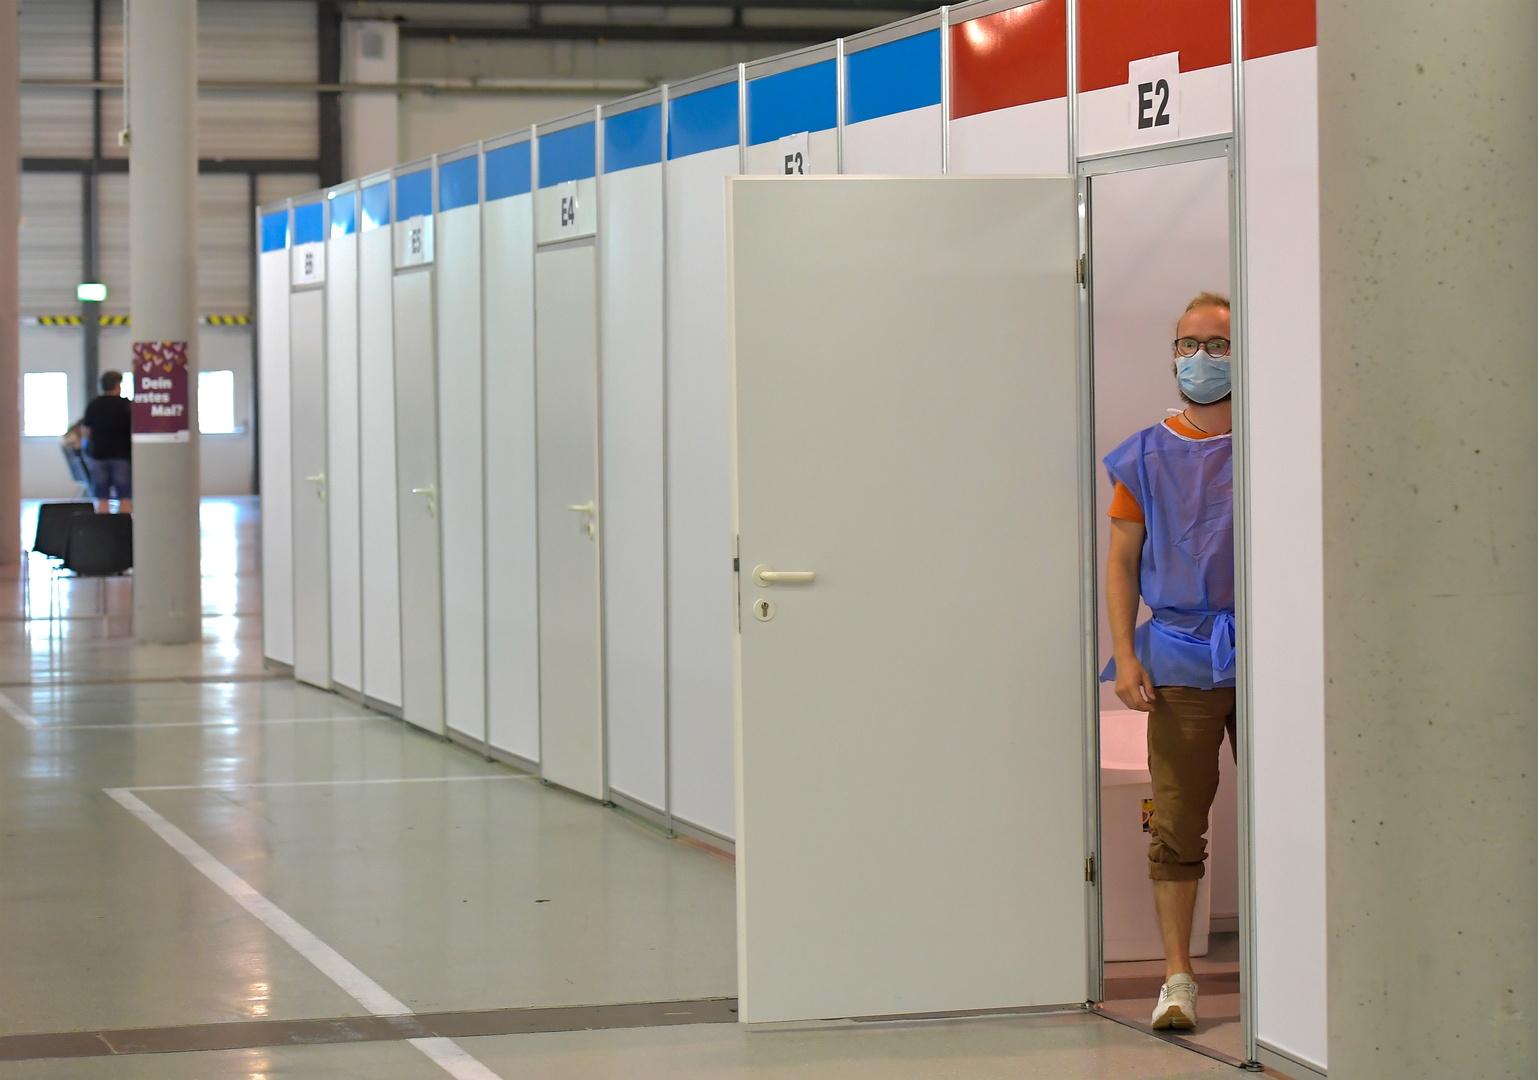 مركز للتطعيم ضد فيروس كورونا في ألمانيا